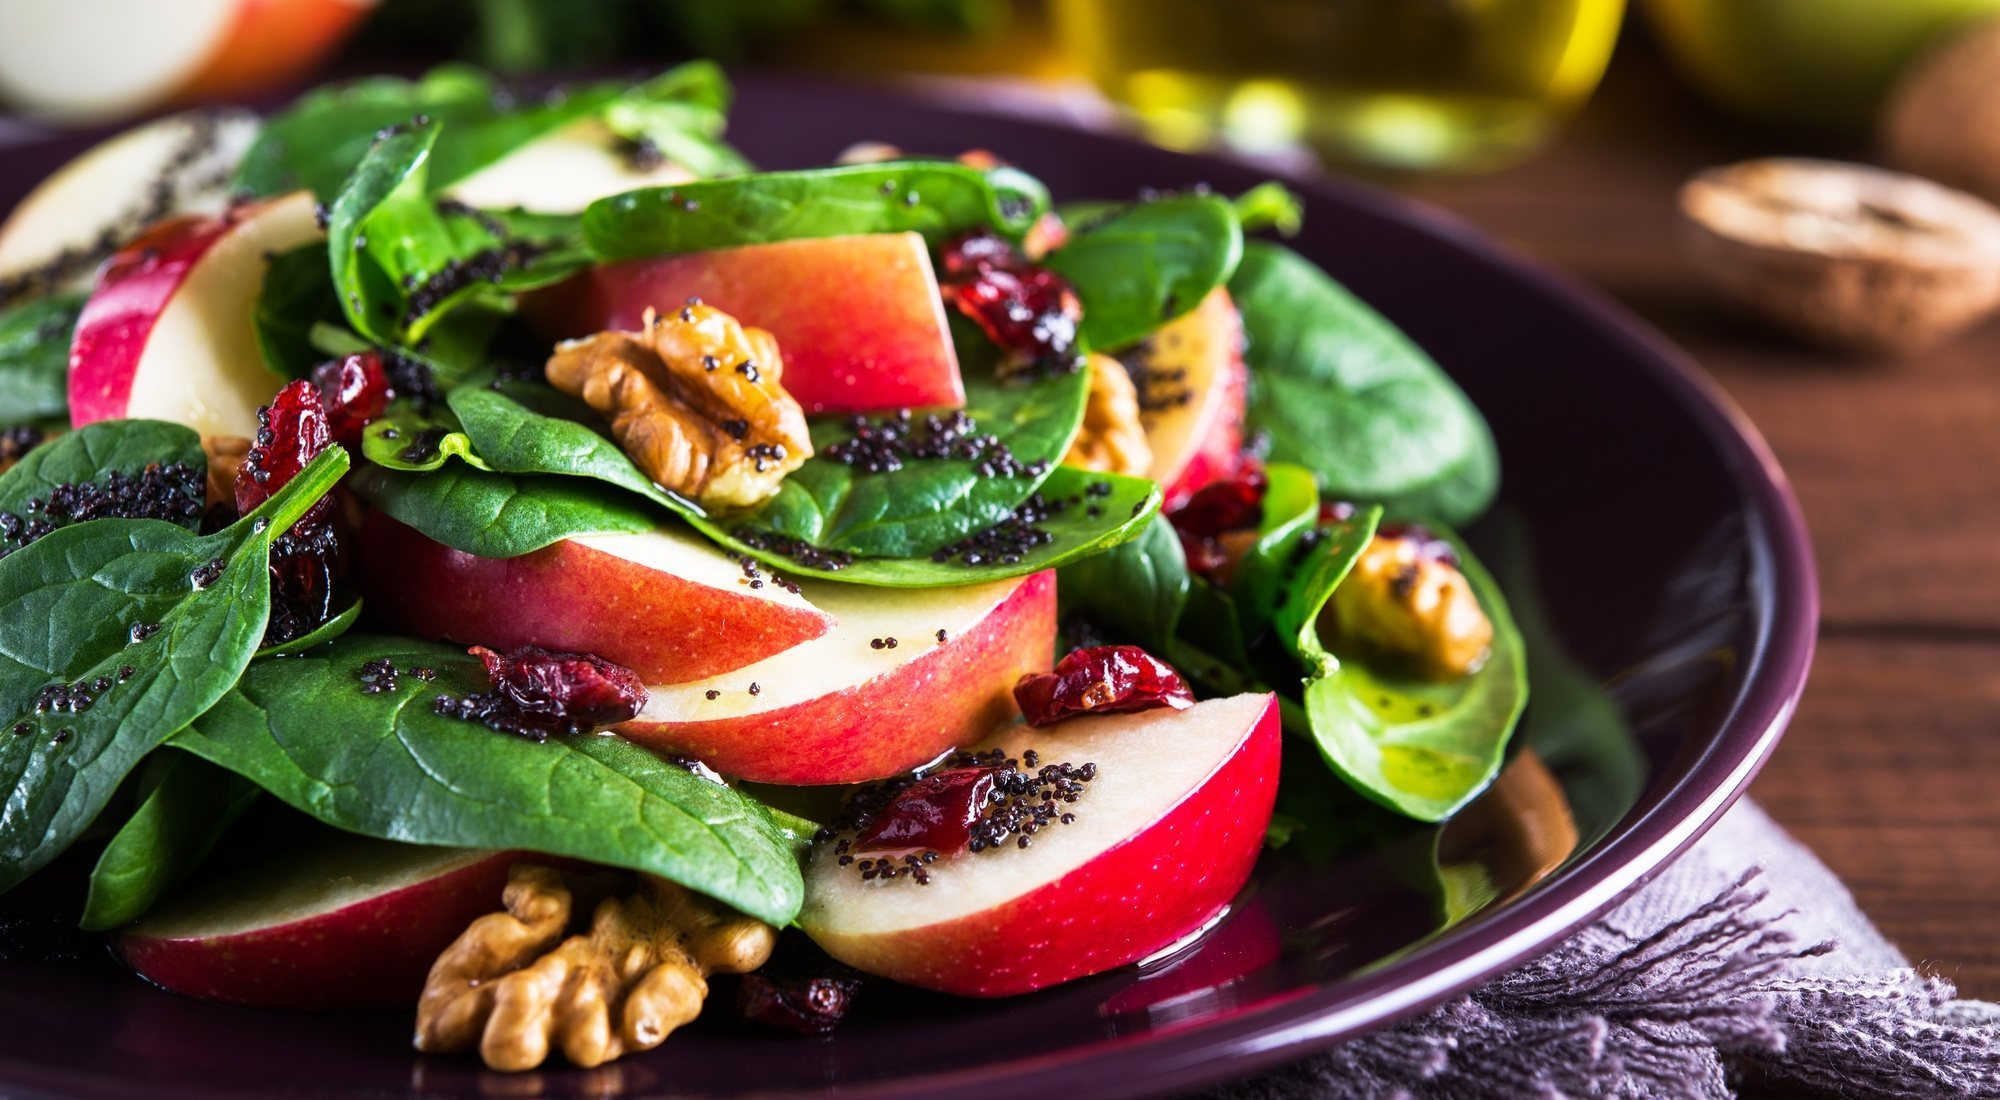 Cenas para adelgazar: cenas ligeras que no engordan